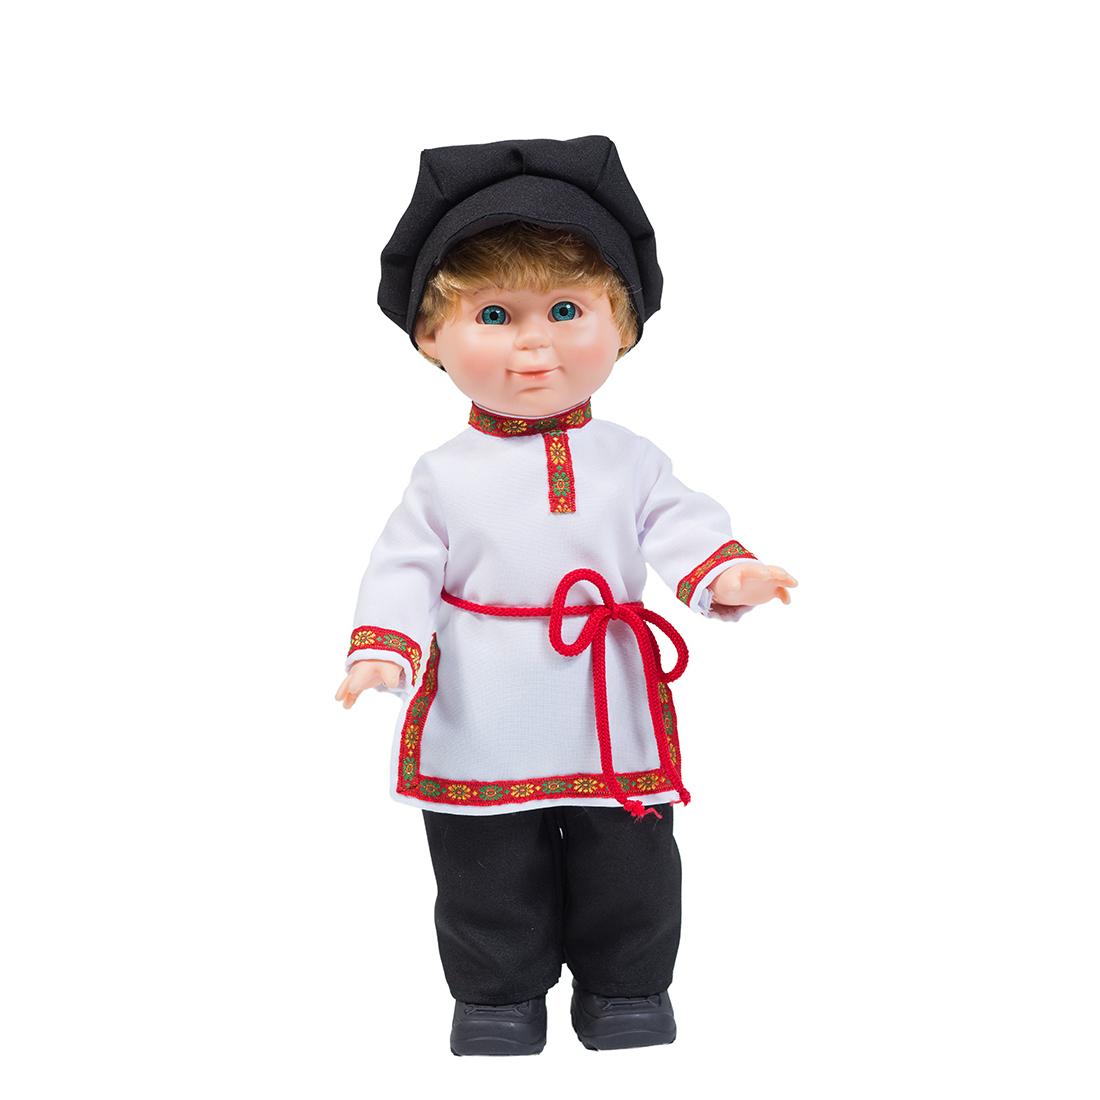 Однокласснику, картинки для детей куклы в русских костюмах